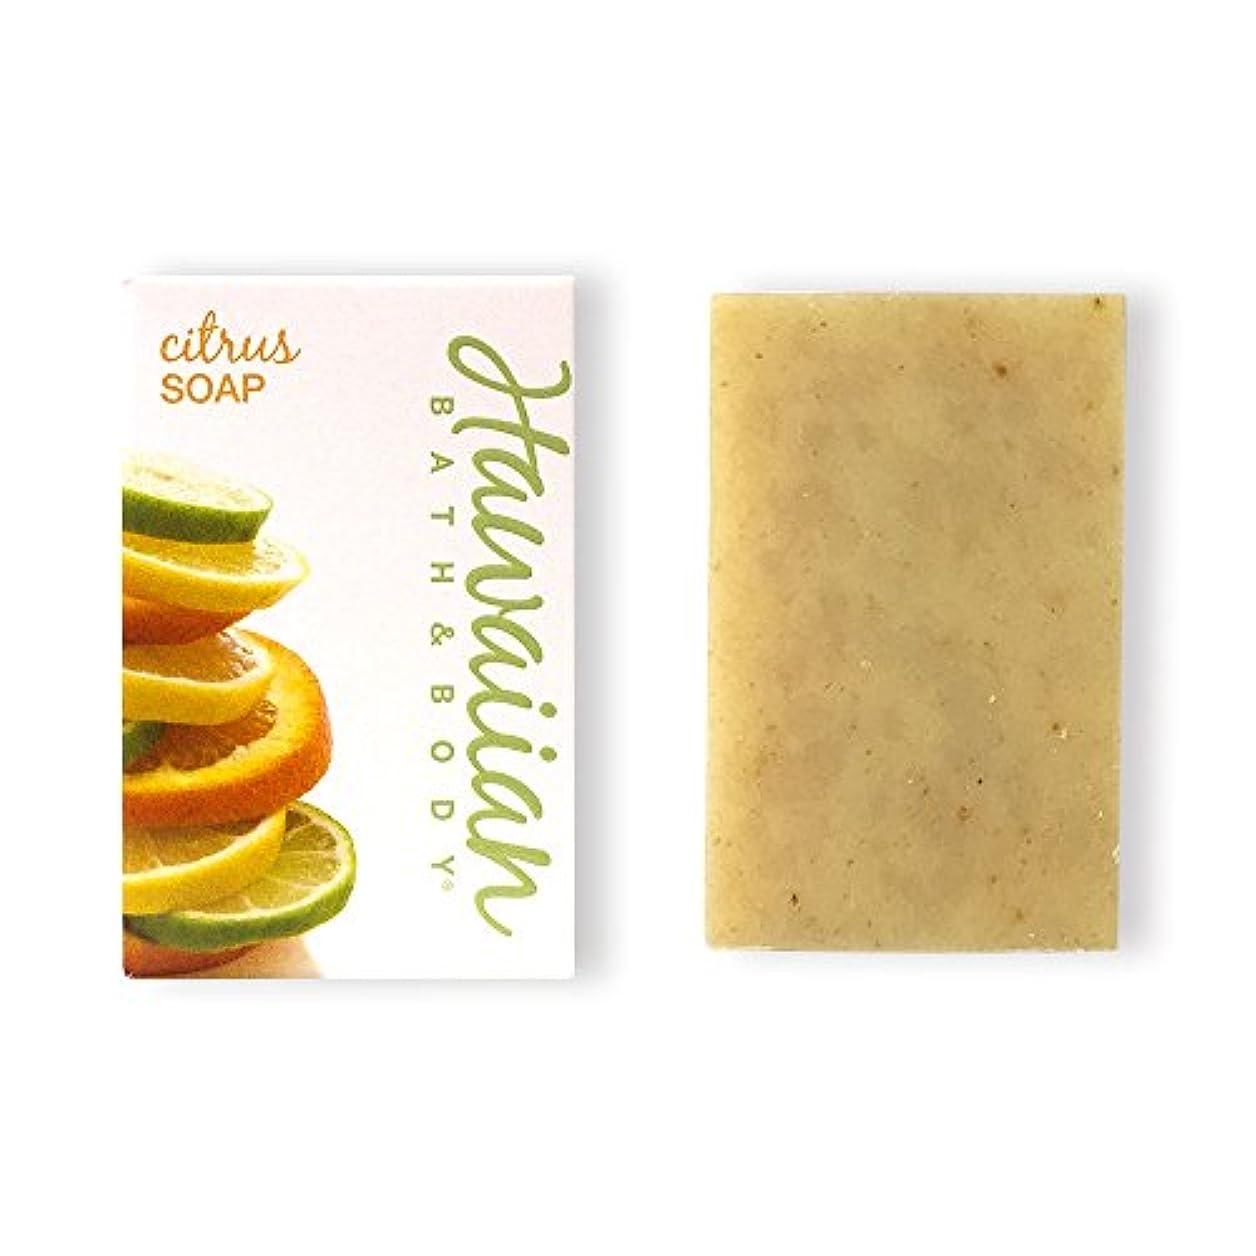 アルファベットカプセルシリアルハワイアンバス&ボディ ハワイアン?シトラスソープ( Citrus Soap )